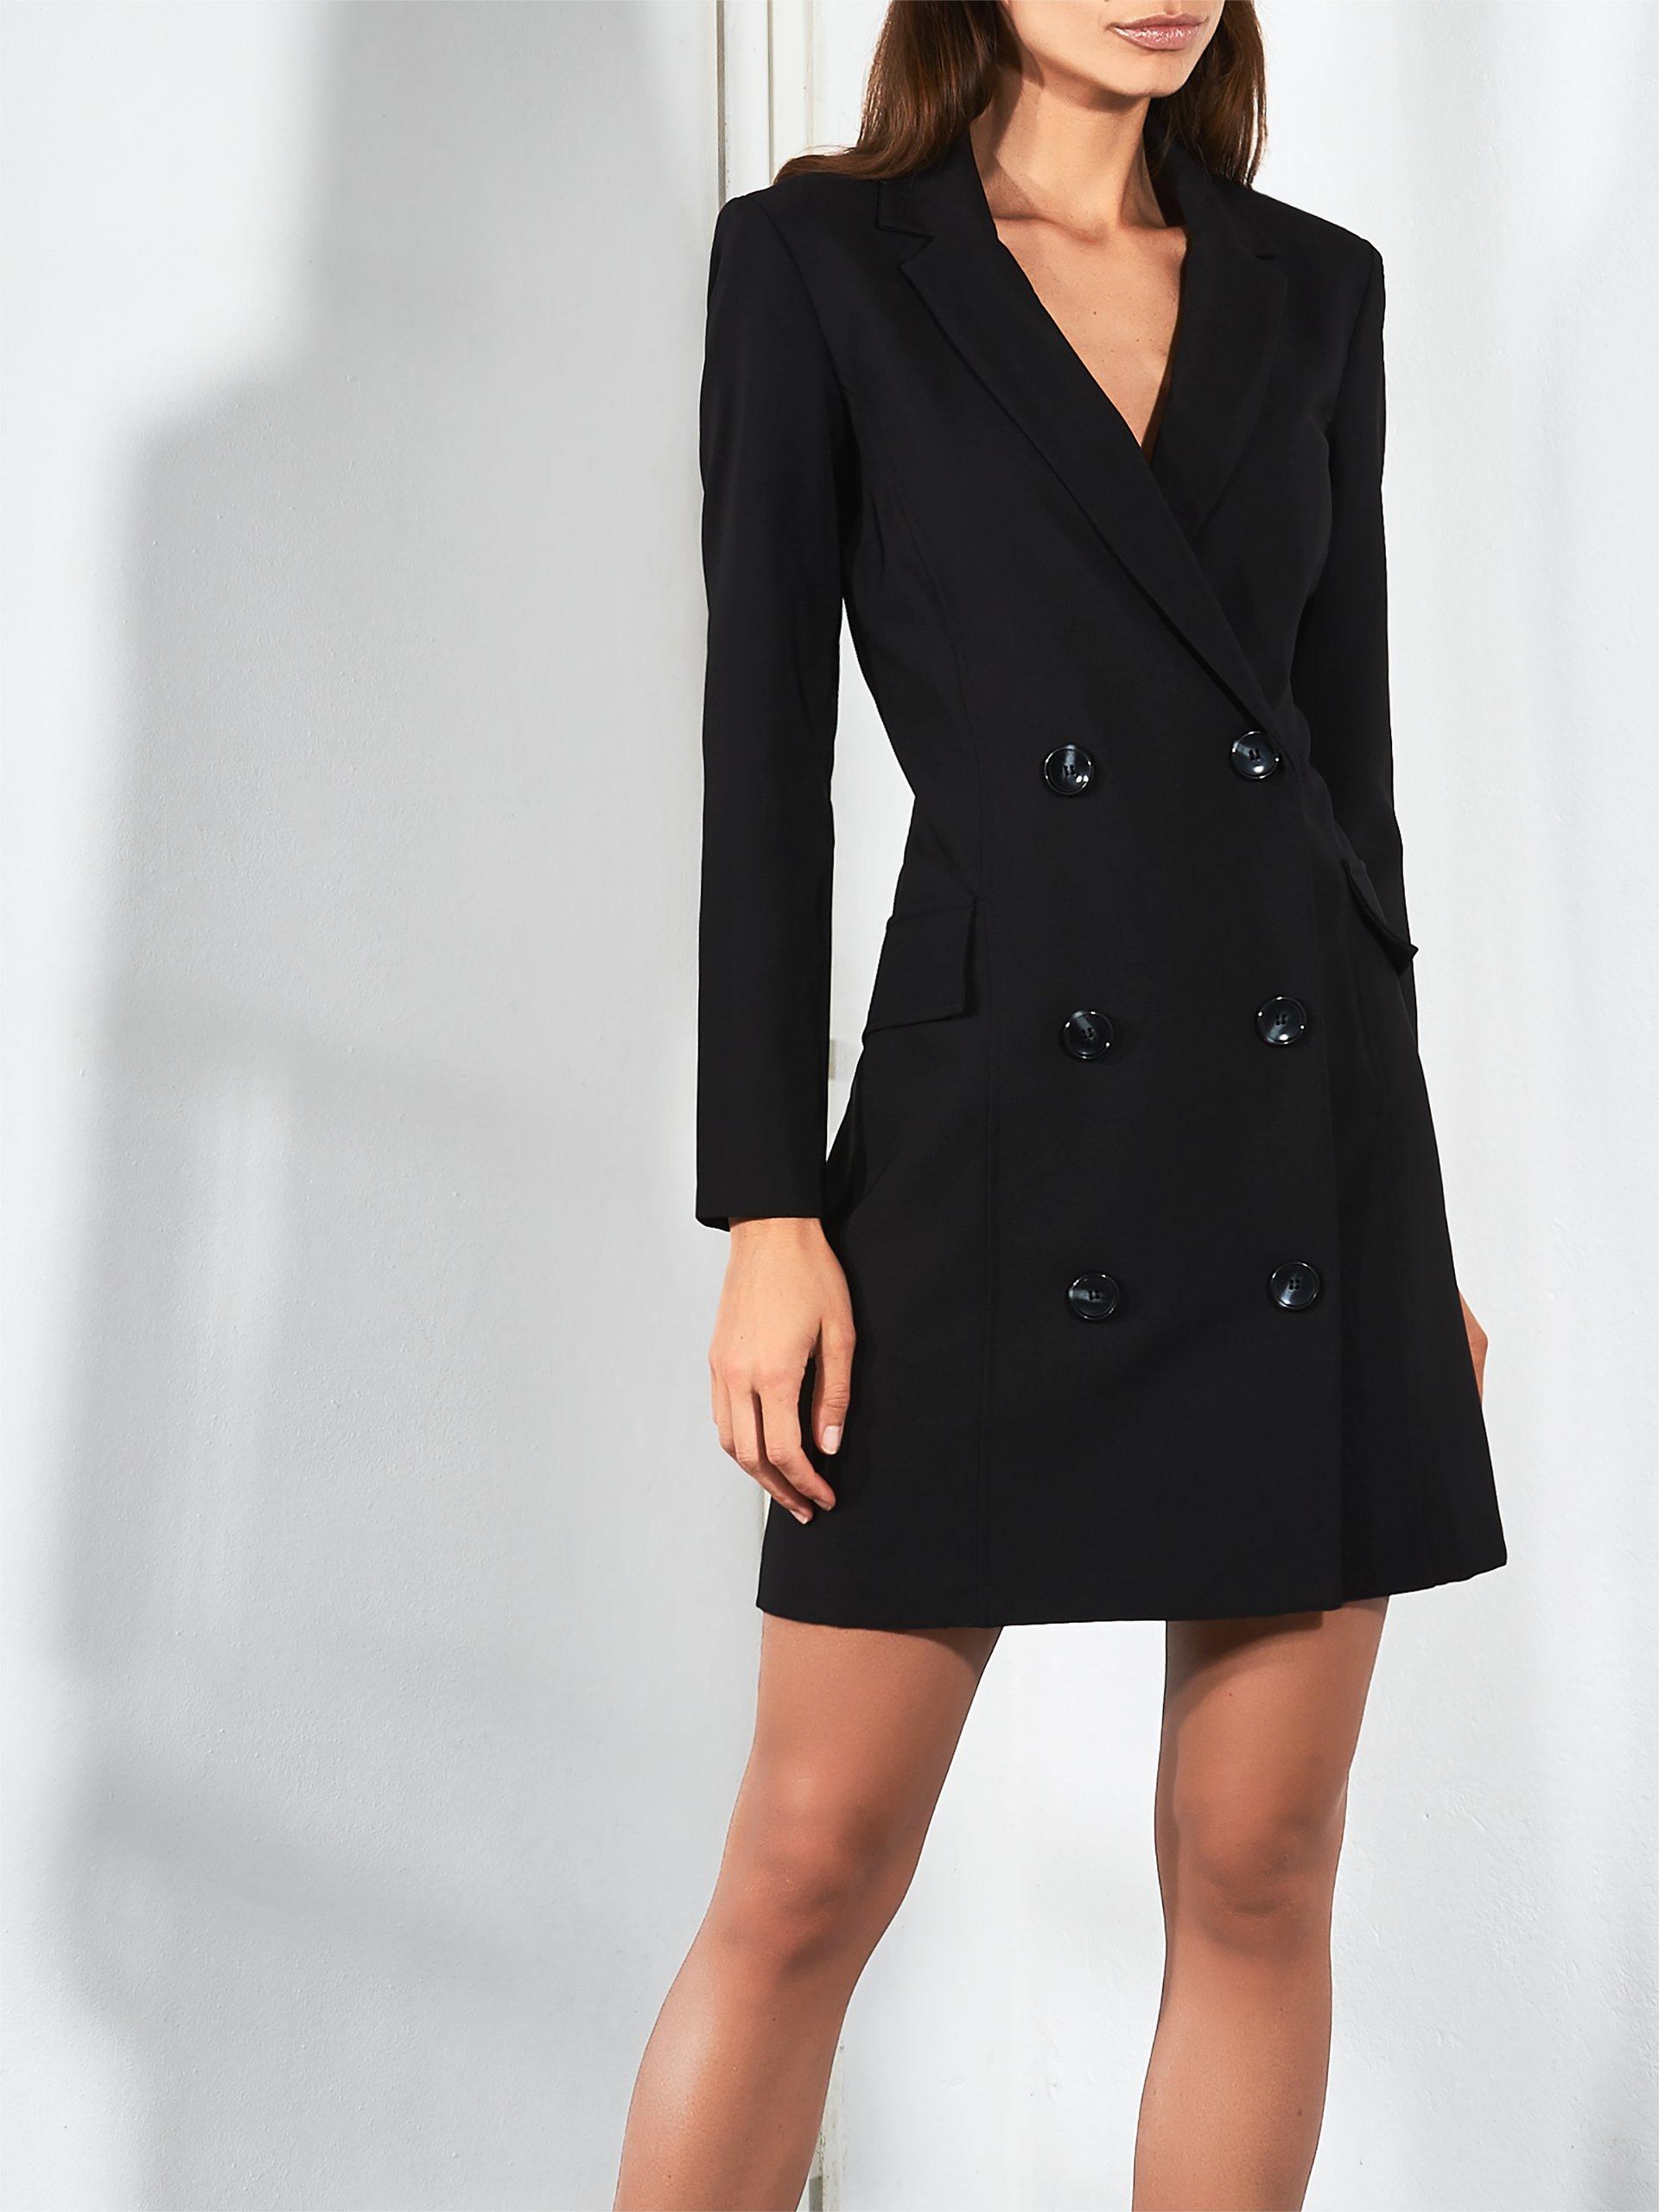 5e773fe91533 Elegante abito doppiopetto Rinascimento autunno inverno 2018 2019 prezzo  109 euro Elegante abito doppiopetto Rinascimento autunno